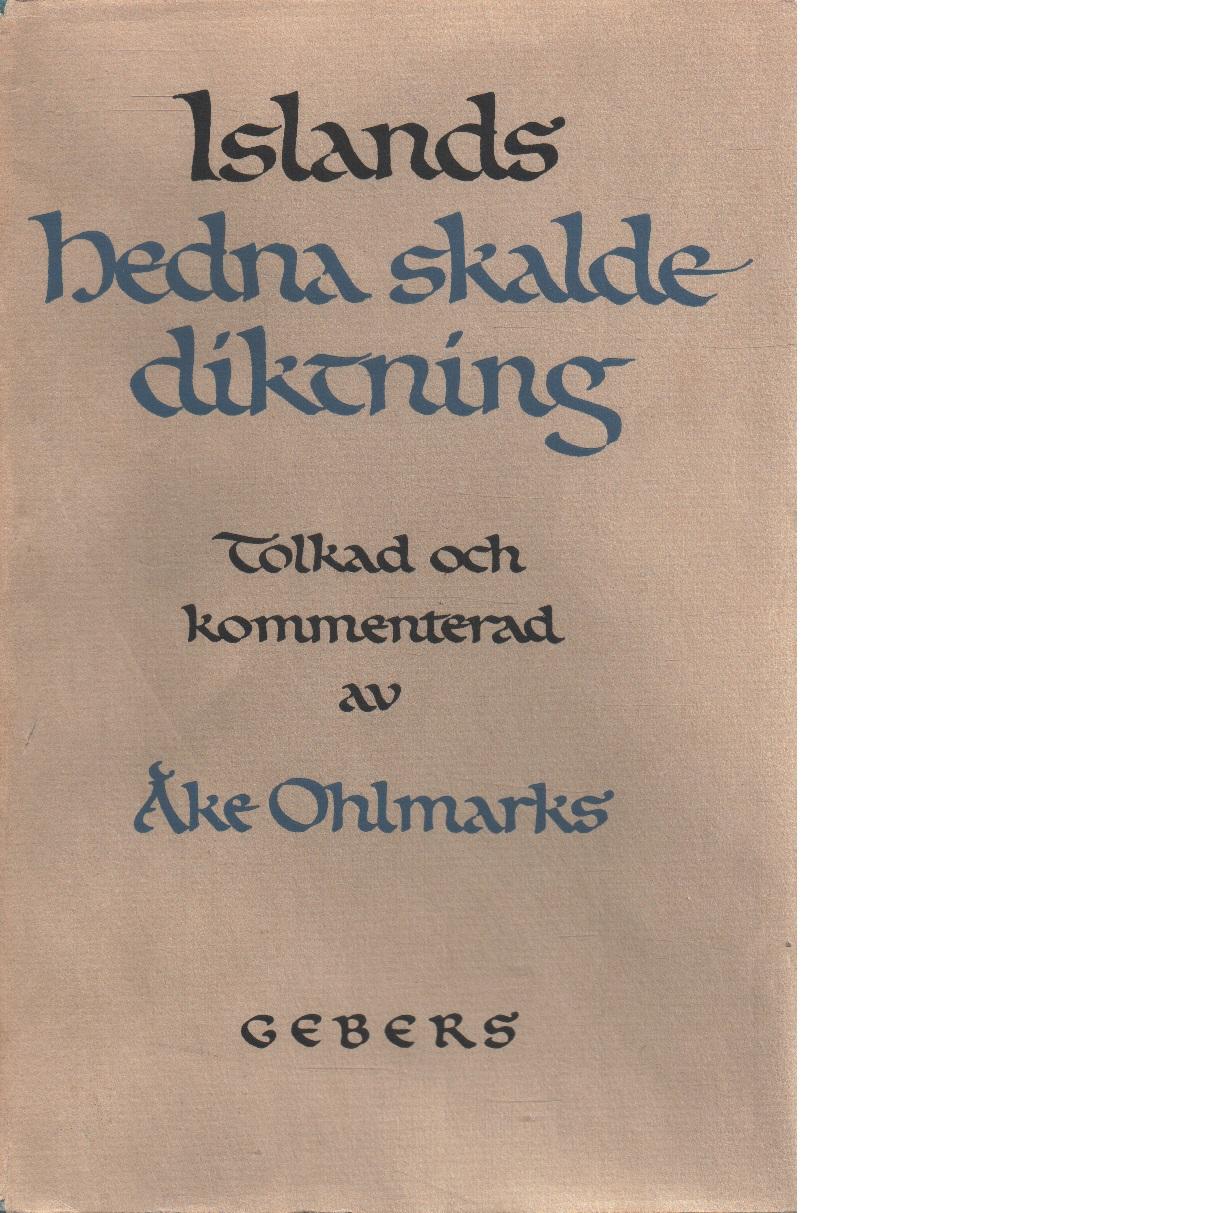 Islands hedna skaldediktning : århundradet 878-980 - Red.